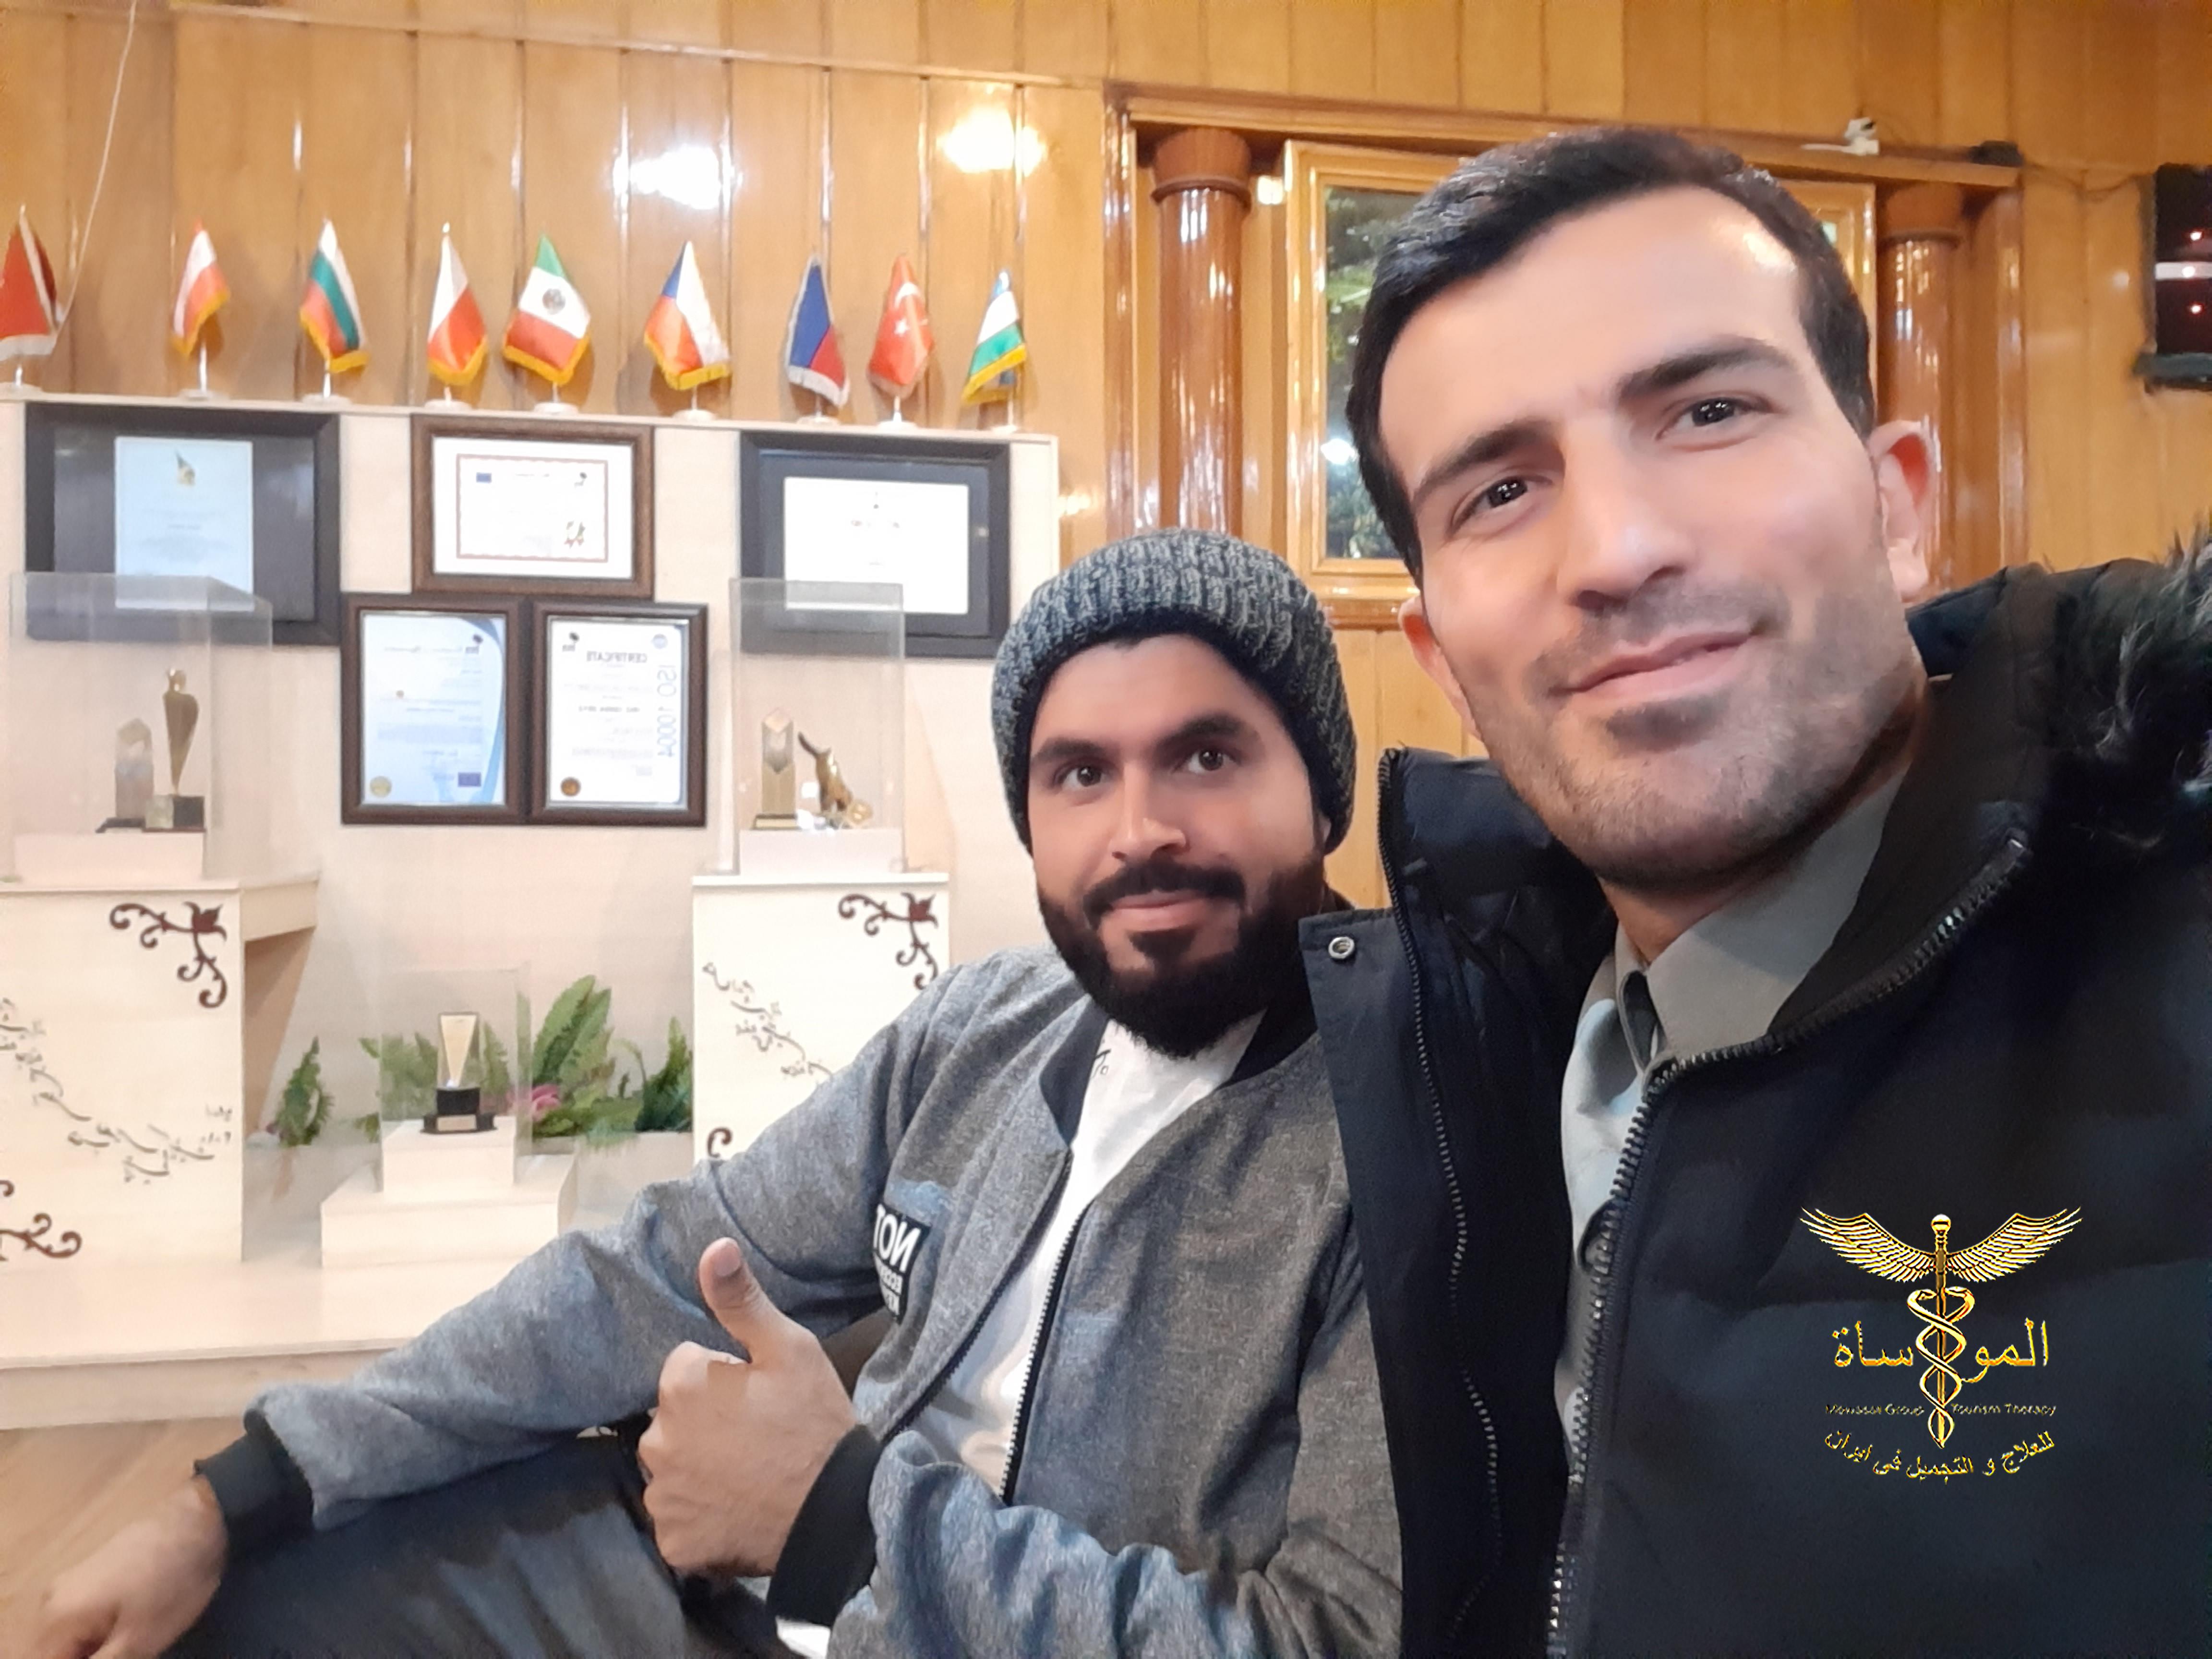 شفط الدهون في إيران - شيراز   عمليات التجميل في إيران   شركة المواساة للعلاج و التجميل في إيران